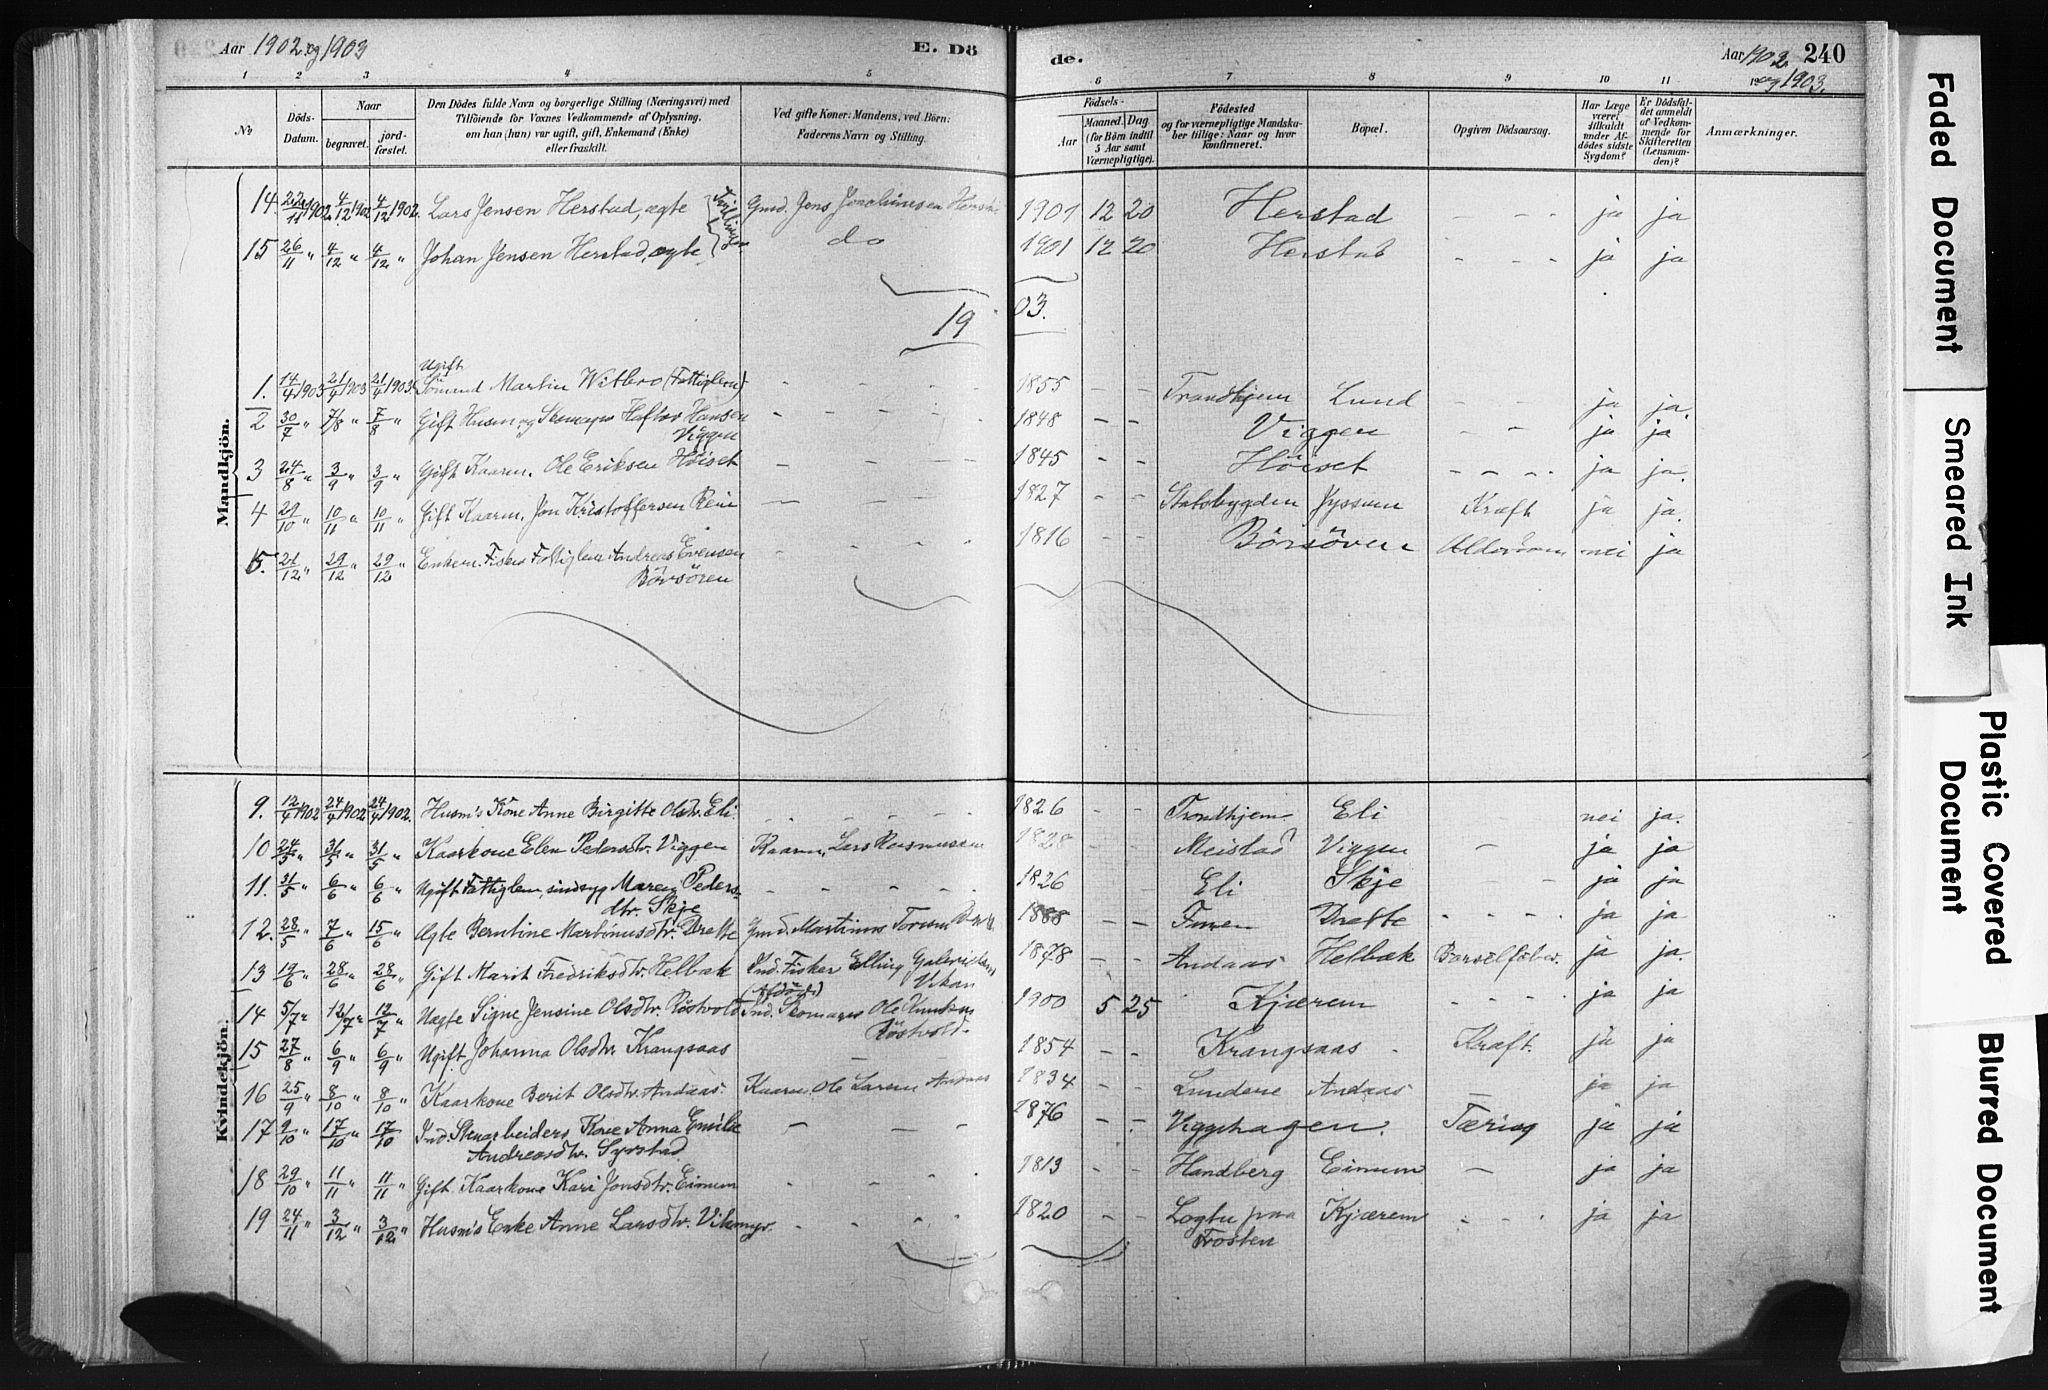 SAT, Ministerialprotokoller, klokkerbøker og fødselsregistre - Sør-Trøndelag, 665/L0773: Ministerialbok nr. 665A08, 1879-1905, s. 240